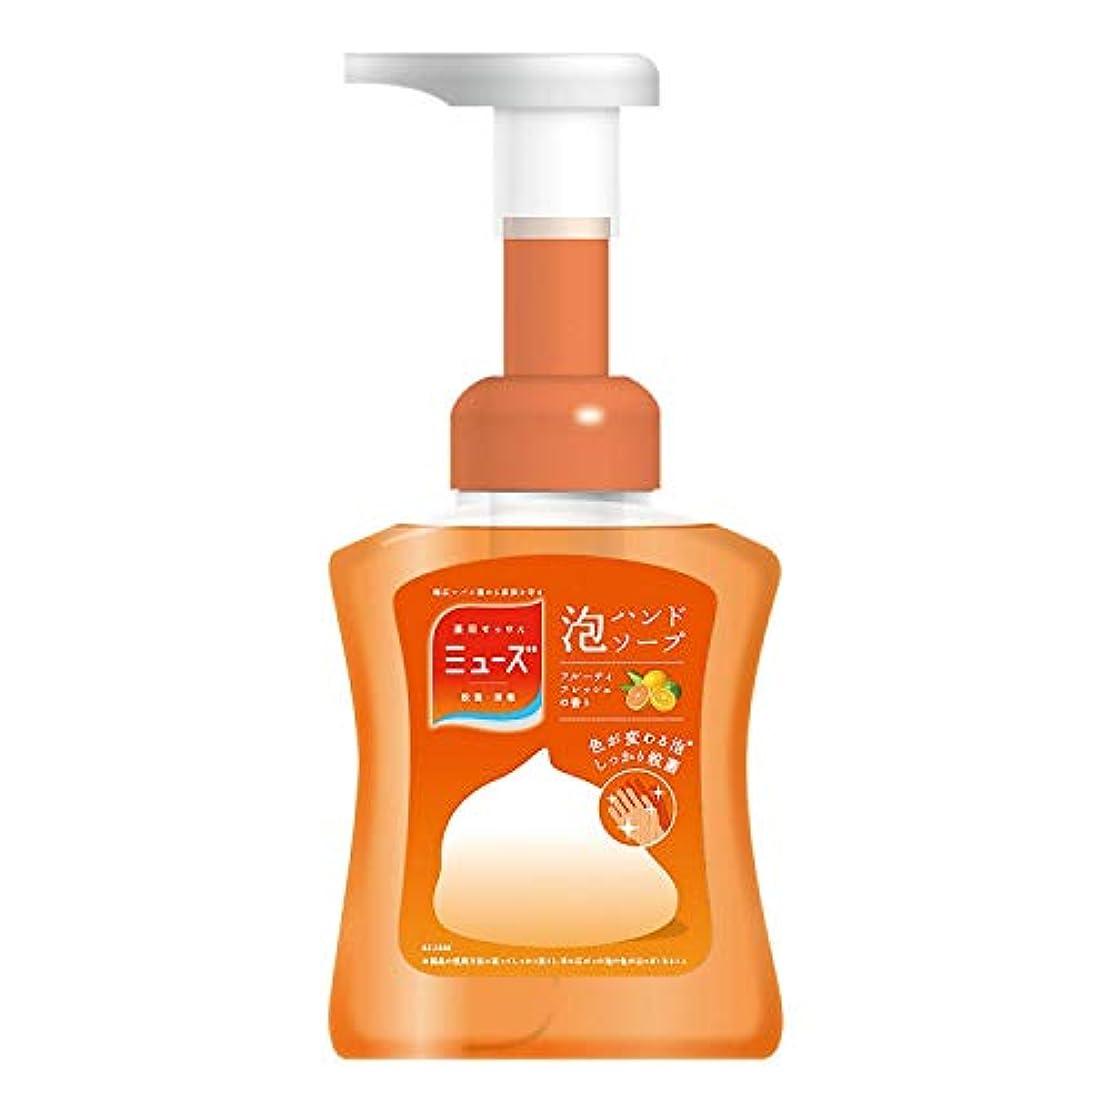 失態クランプトーク【医薬部外品】ミューズ 泡 ハンドソープ フルーティフレッシュの香り 色が変わる泡 本体ボトル 250ml 殺菌 消毒 手洗い 保湿成分配合